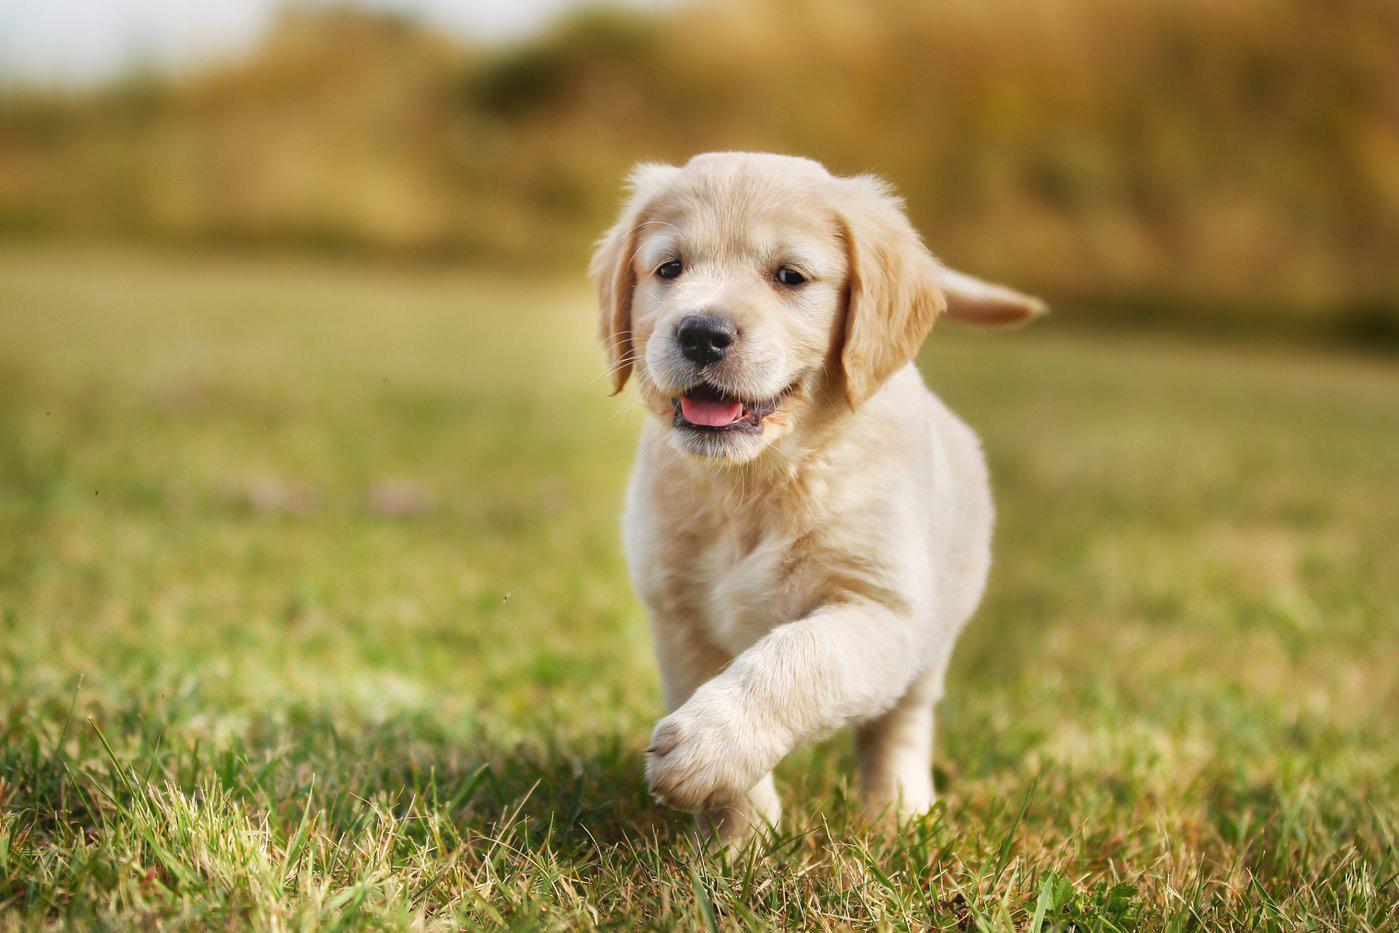 perros medianos para tener en un jardín